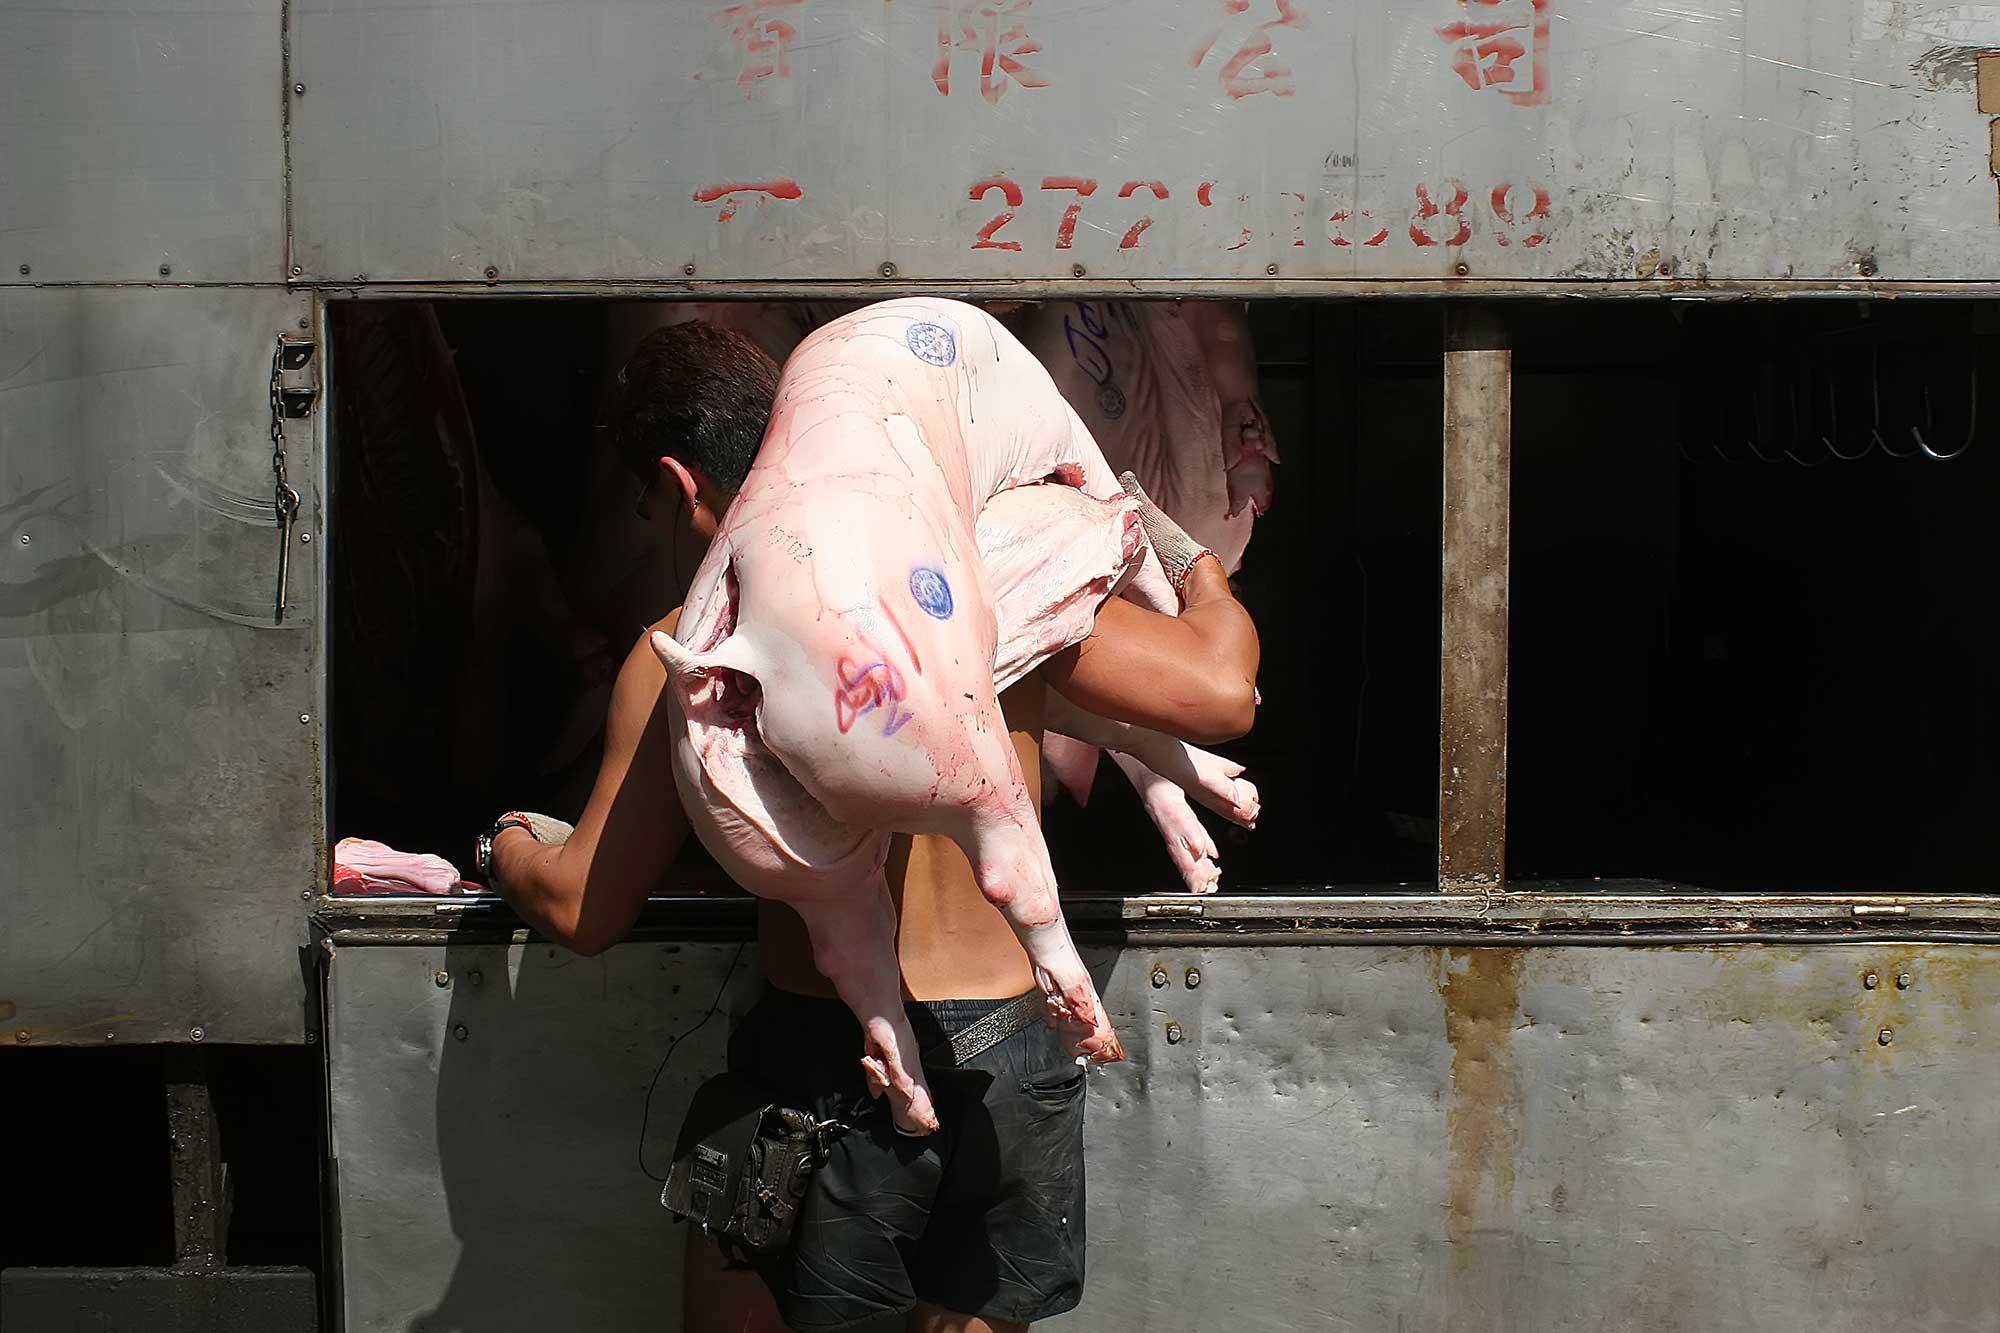 Unloading a truck in Hong Kong. © Ulli Maier & Nisa Maier